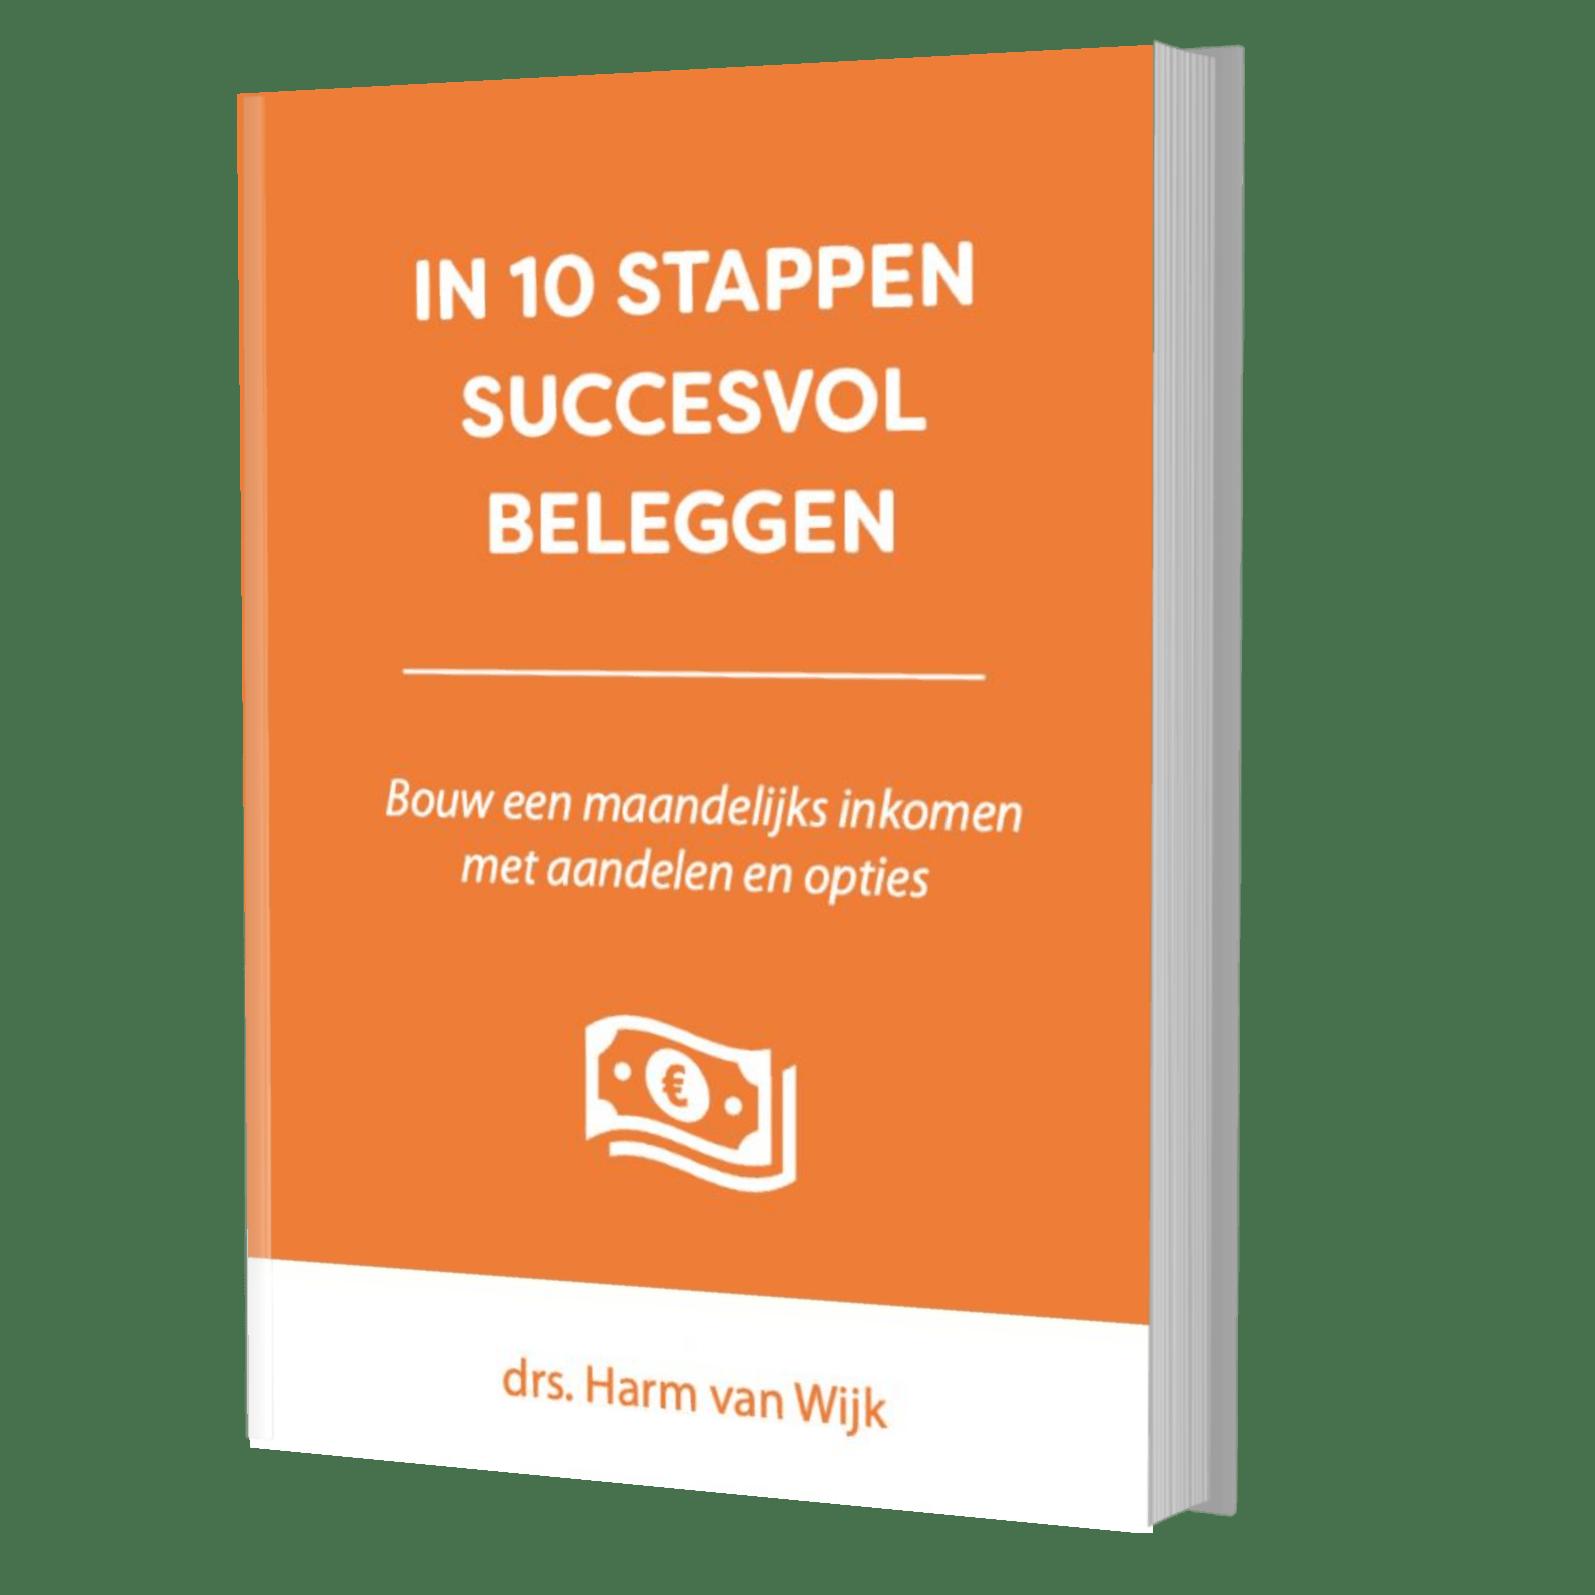 succesvol beleggen in 10 stappen harm van wijk boek